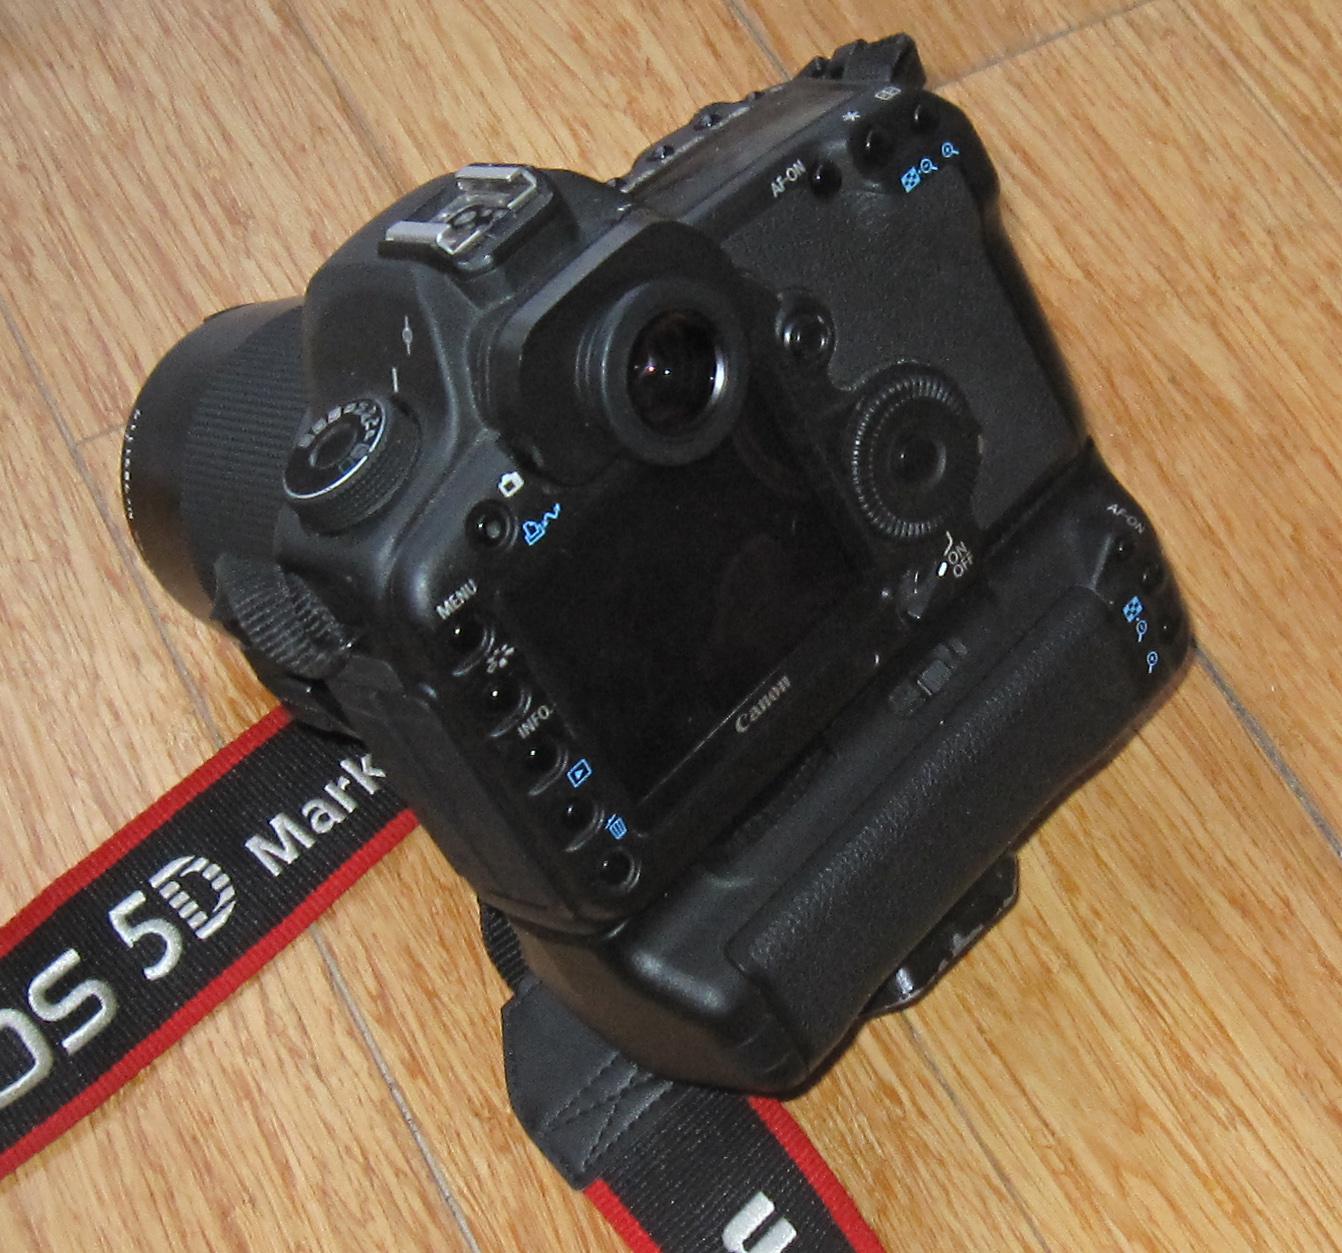 Моя камера с увеличителем видоискателя Tenpa 1.36x